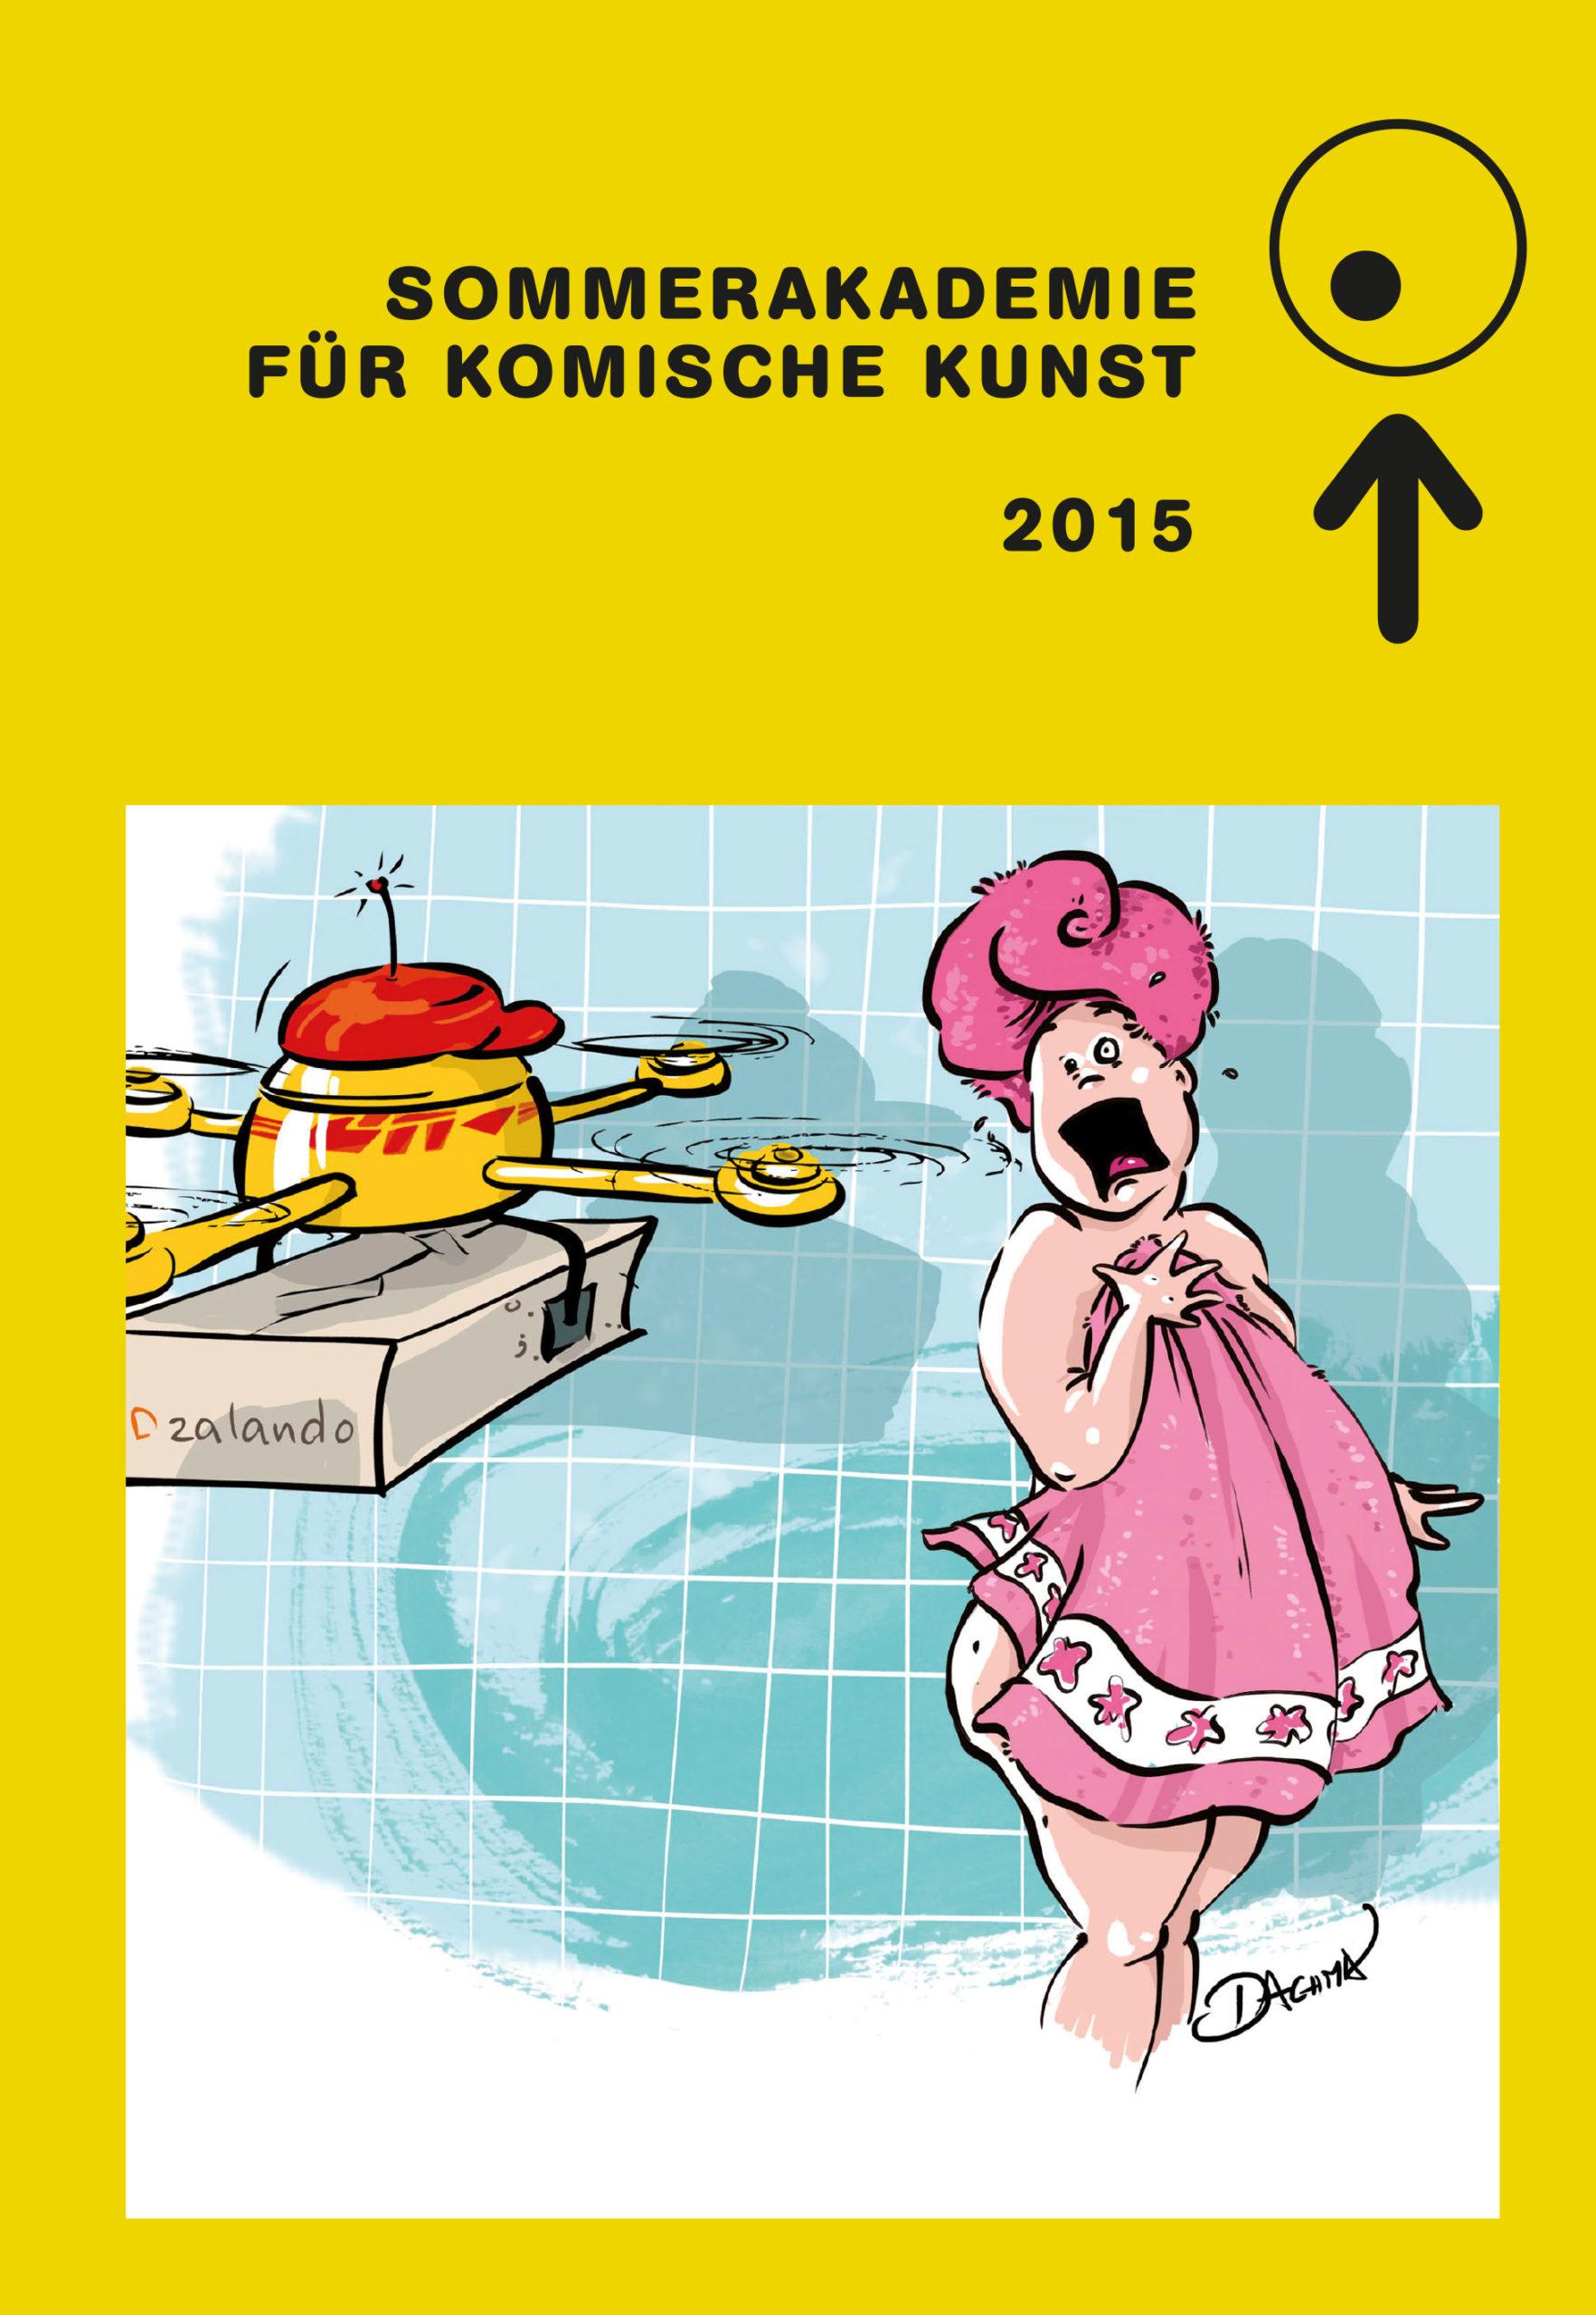 Katalog zur Sommerakademie für Komische Kunst 2015